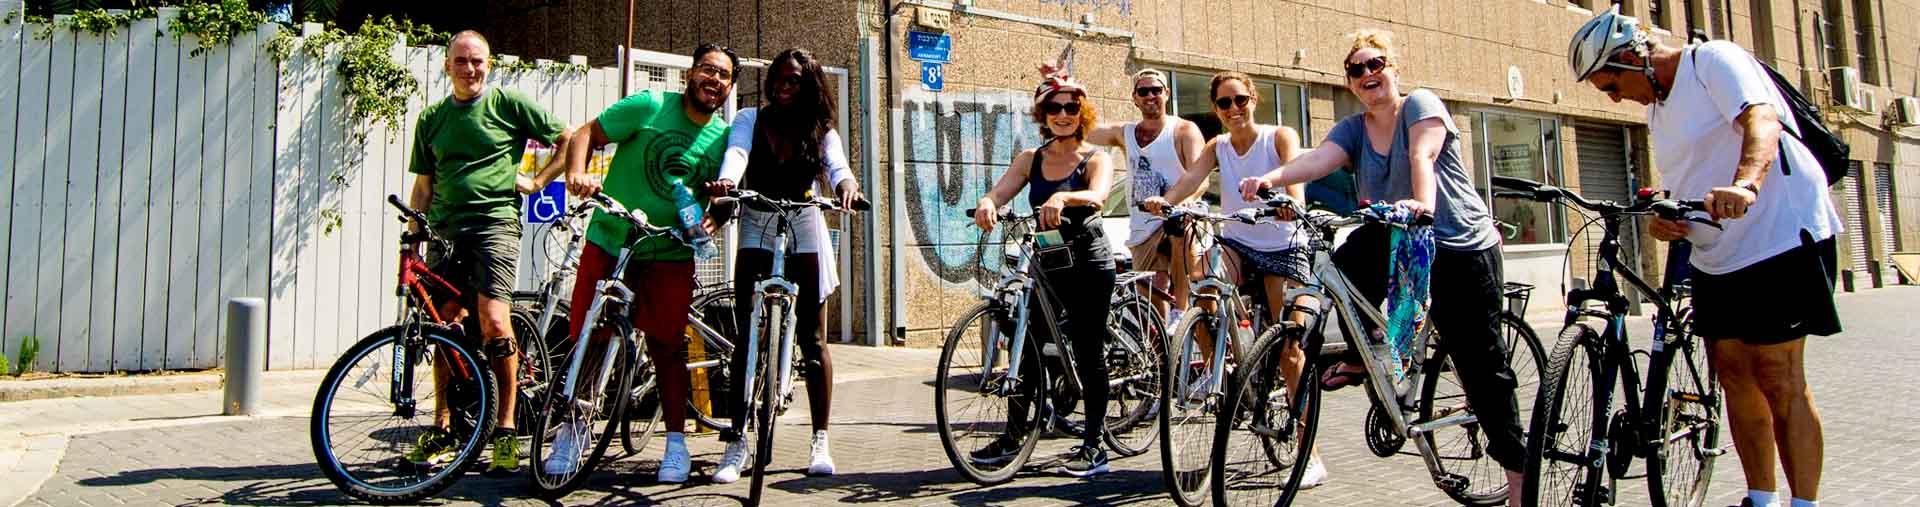 ride from Abraham hostel tel aviv